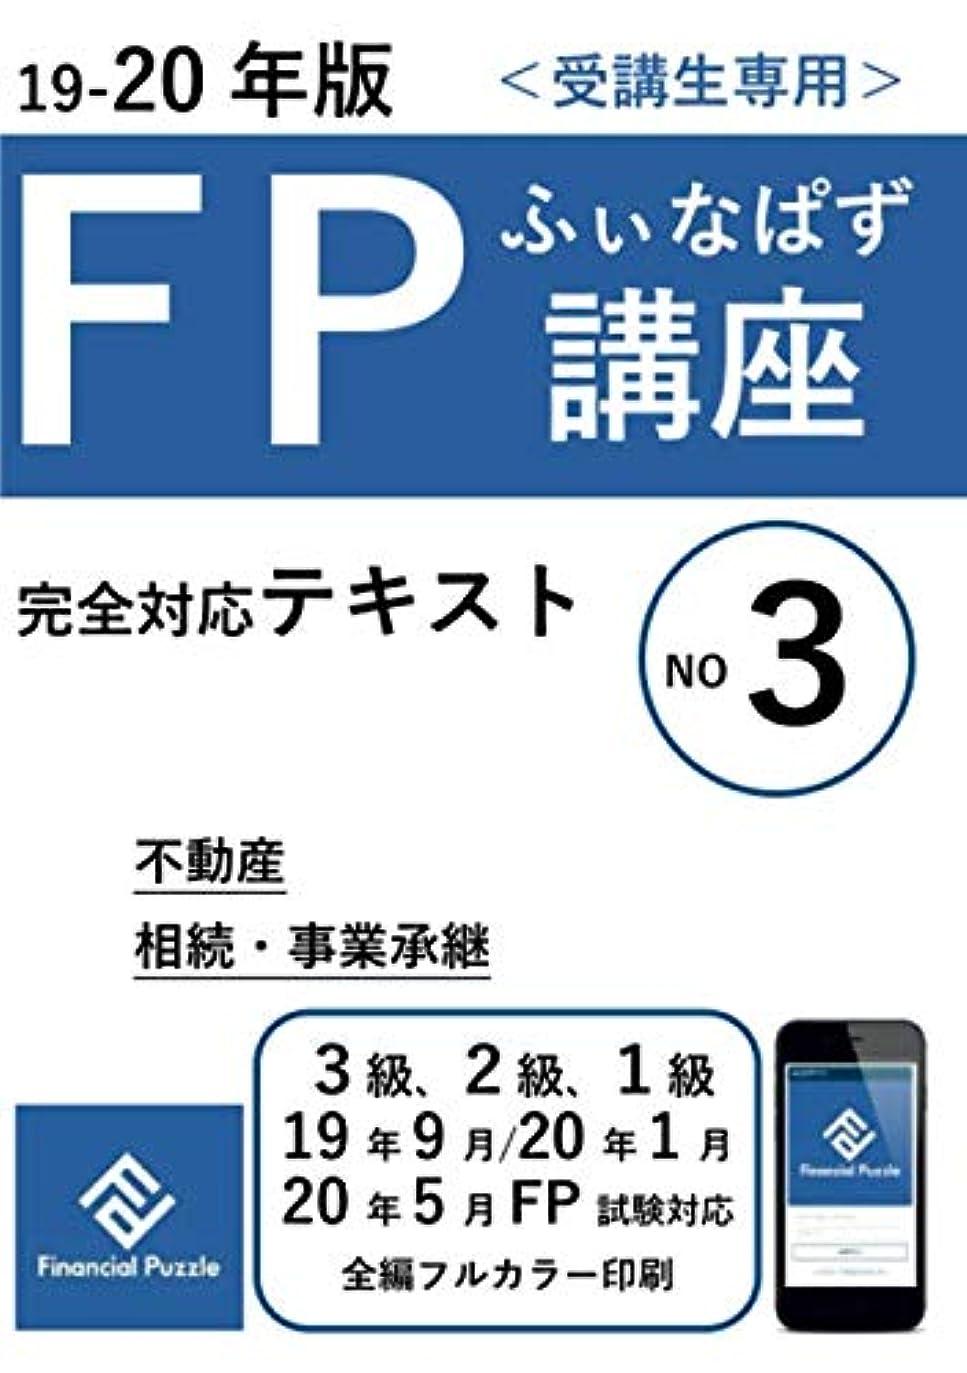 かまど勇気のある活発ふぃなぱずFP講座完全対応テキスト2019-20年版(NO3)